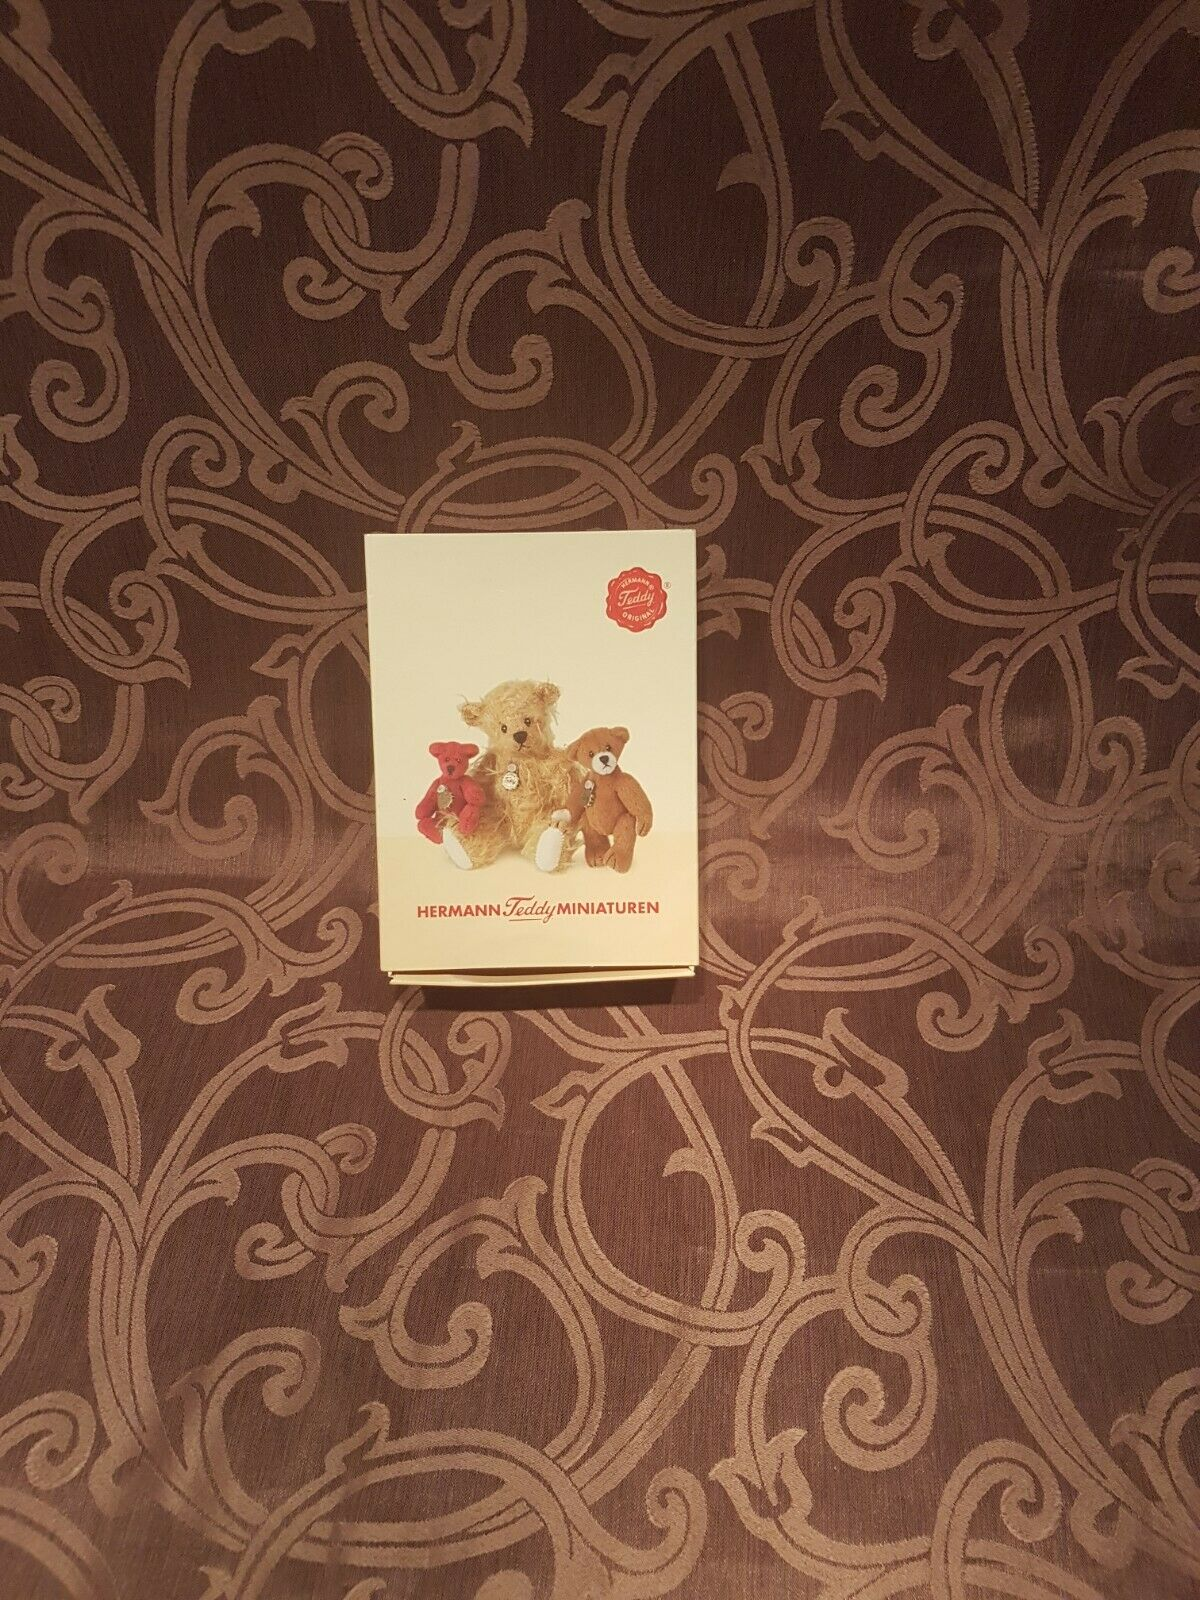 Hermann Teddy Miniaturen Braunbär, Limitierte Edition Nr. 246 von 1000, OVP